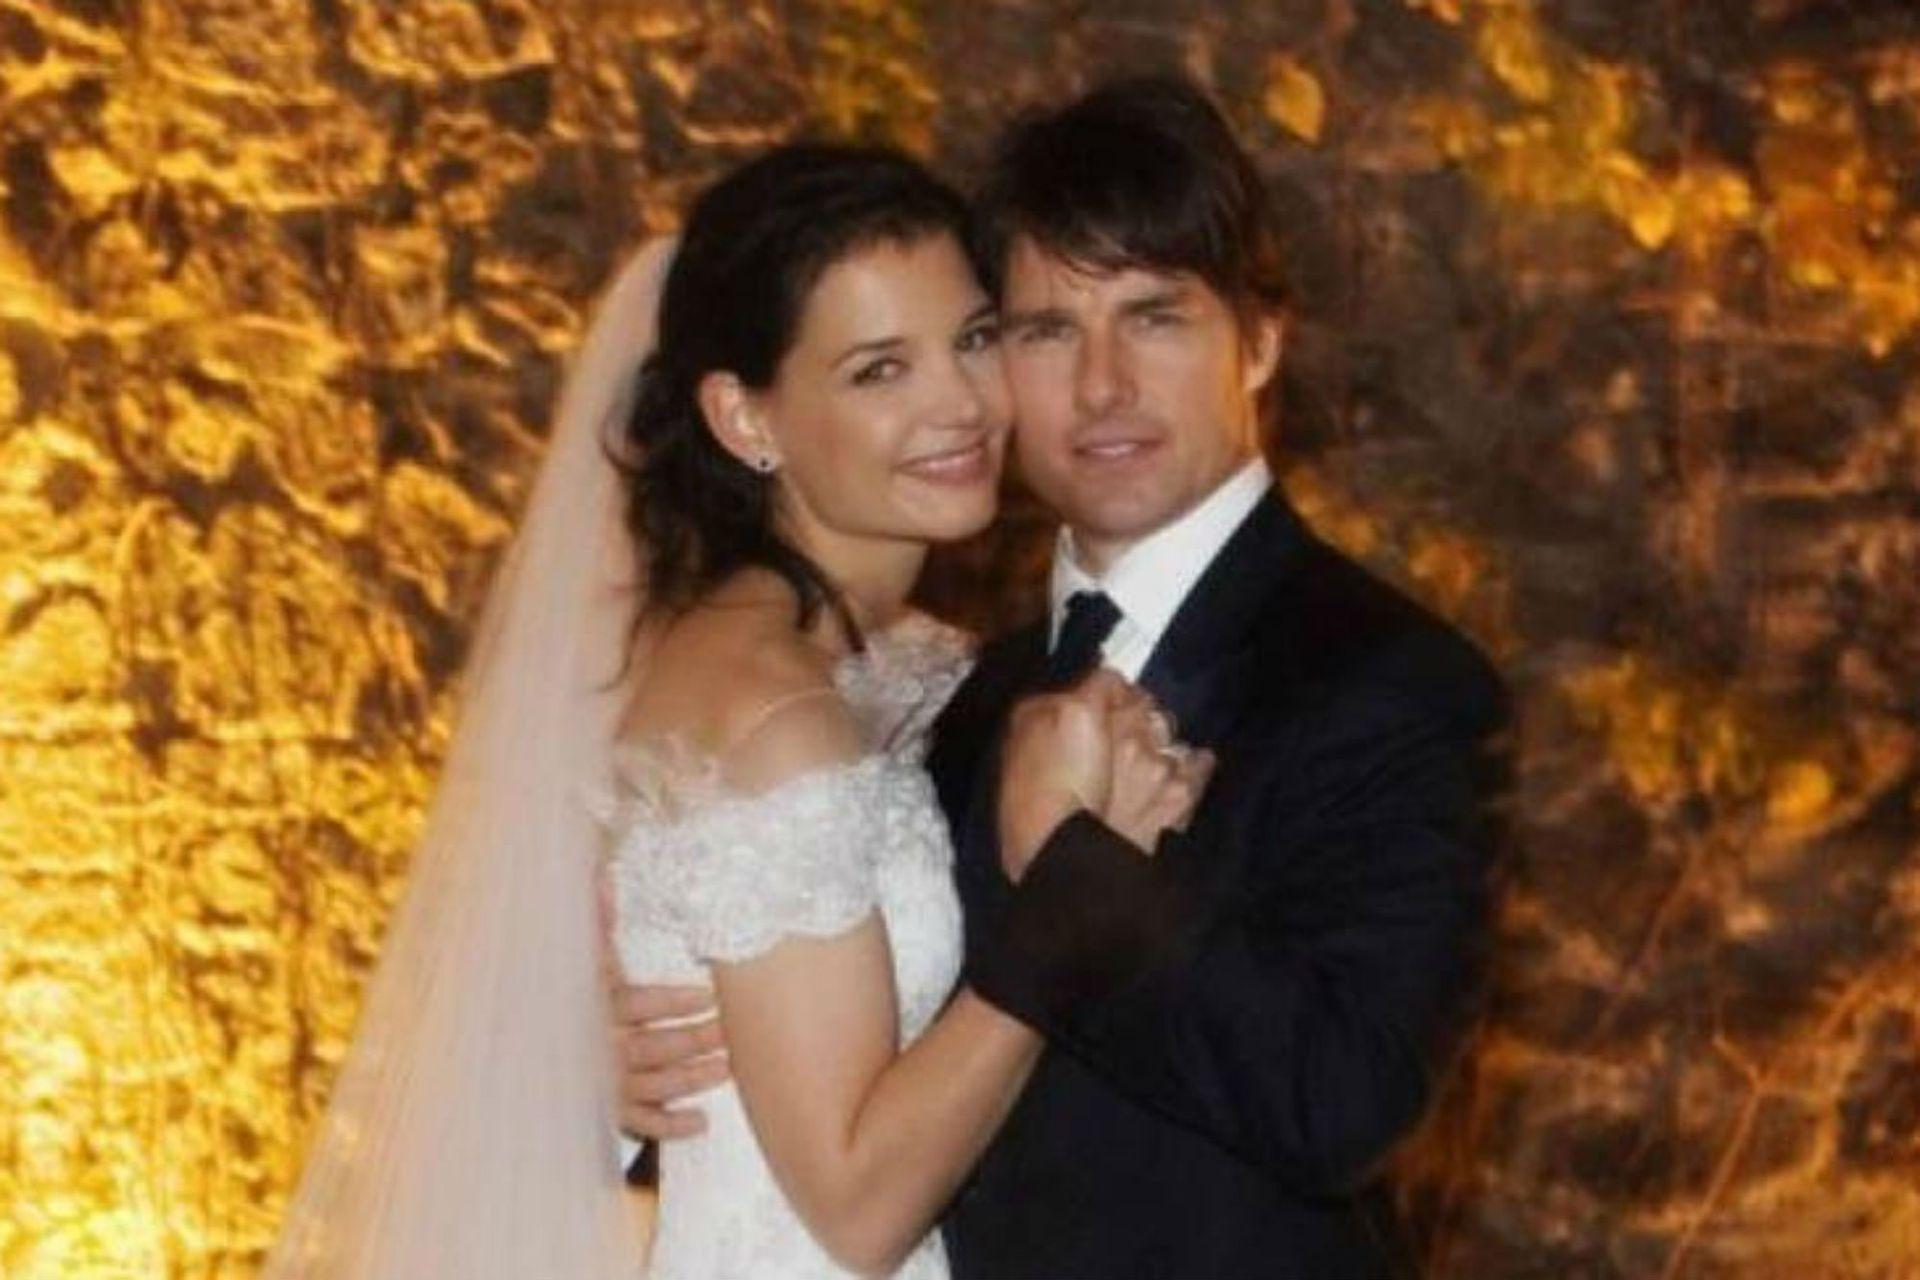 La pareja se casó el 18 de noviembre de 2006